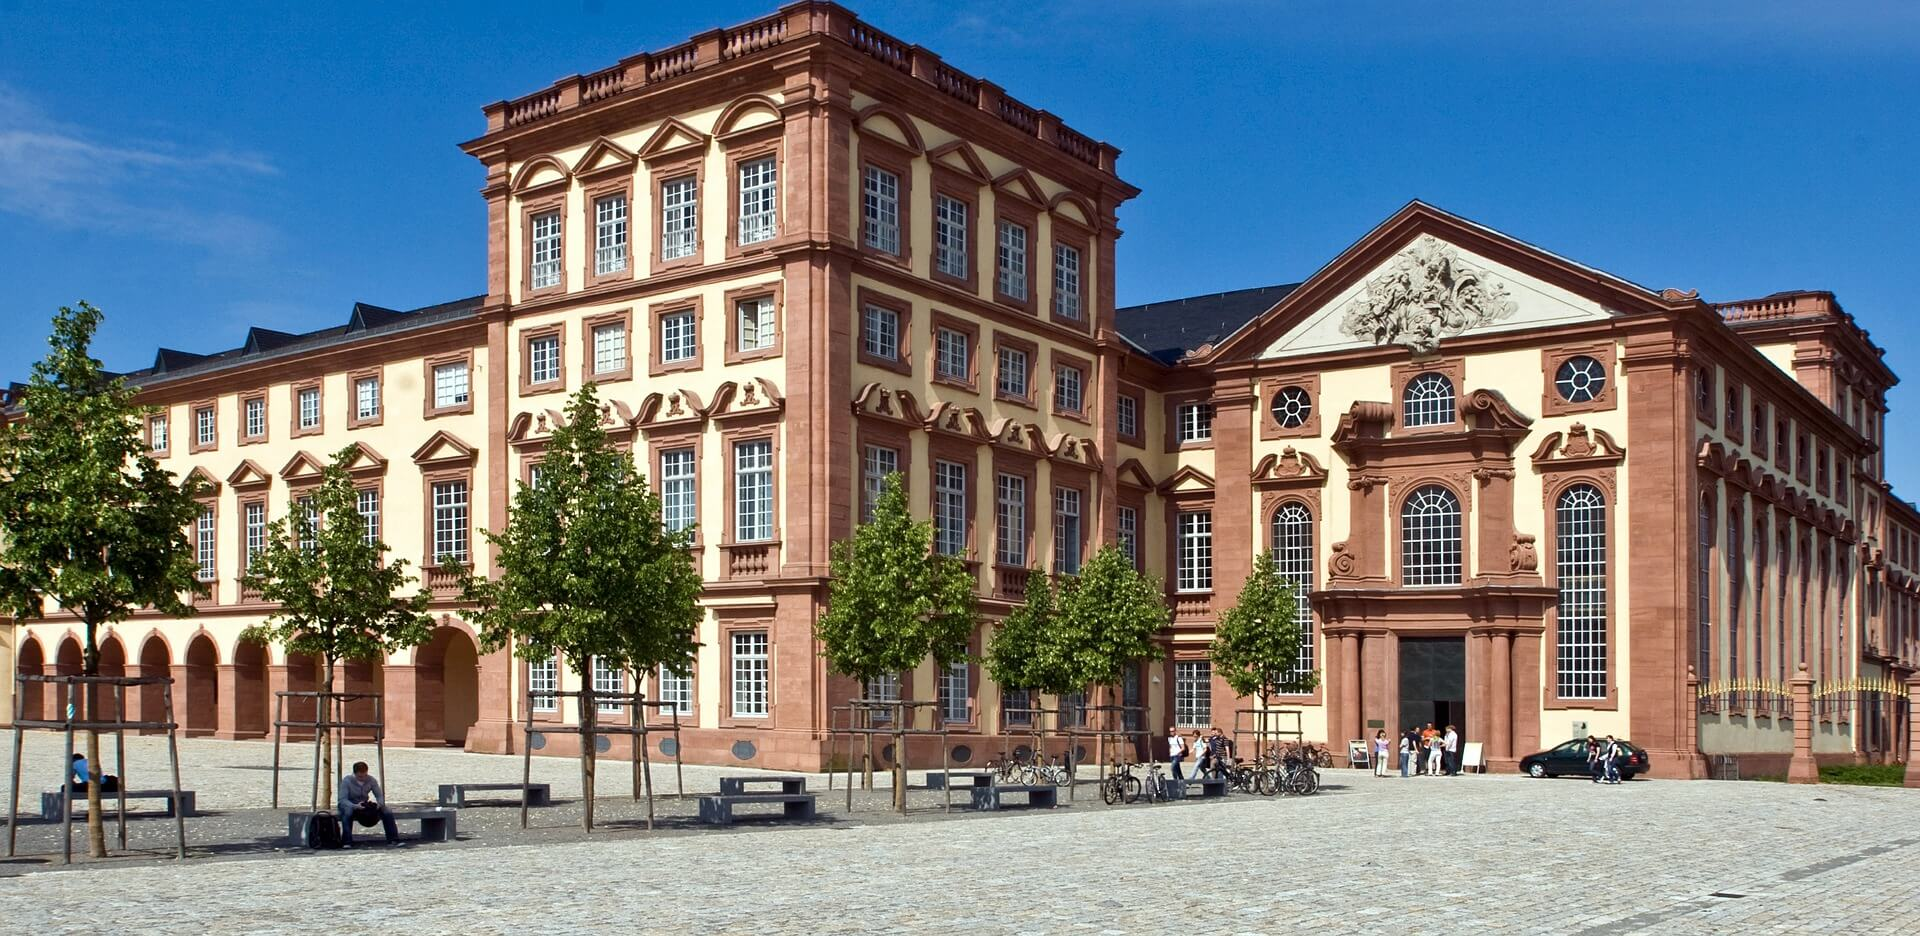 Direktflüge und Billigflüge ab Berlin-Tegel nach Mannheim